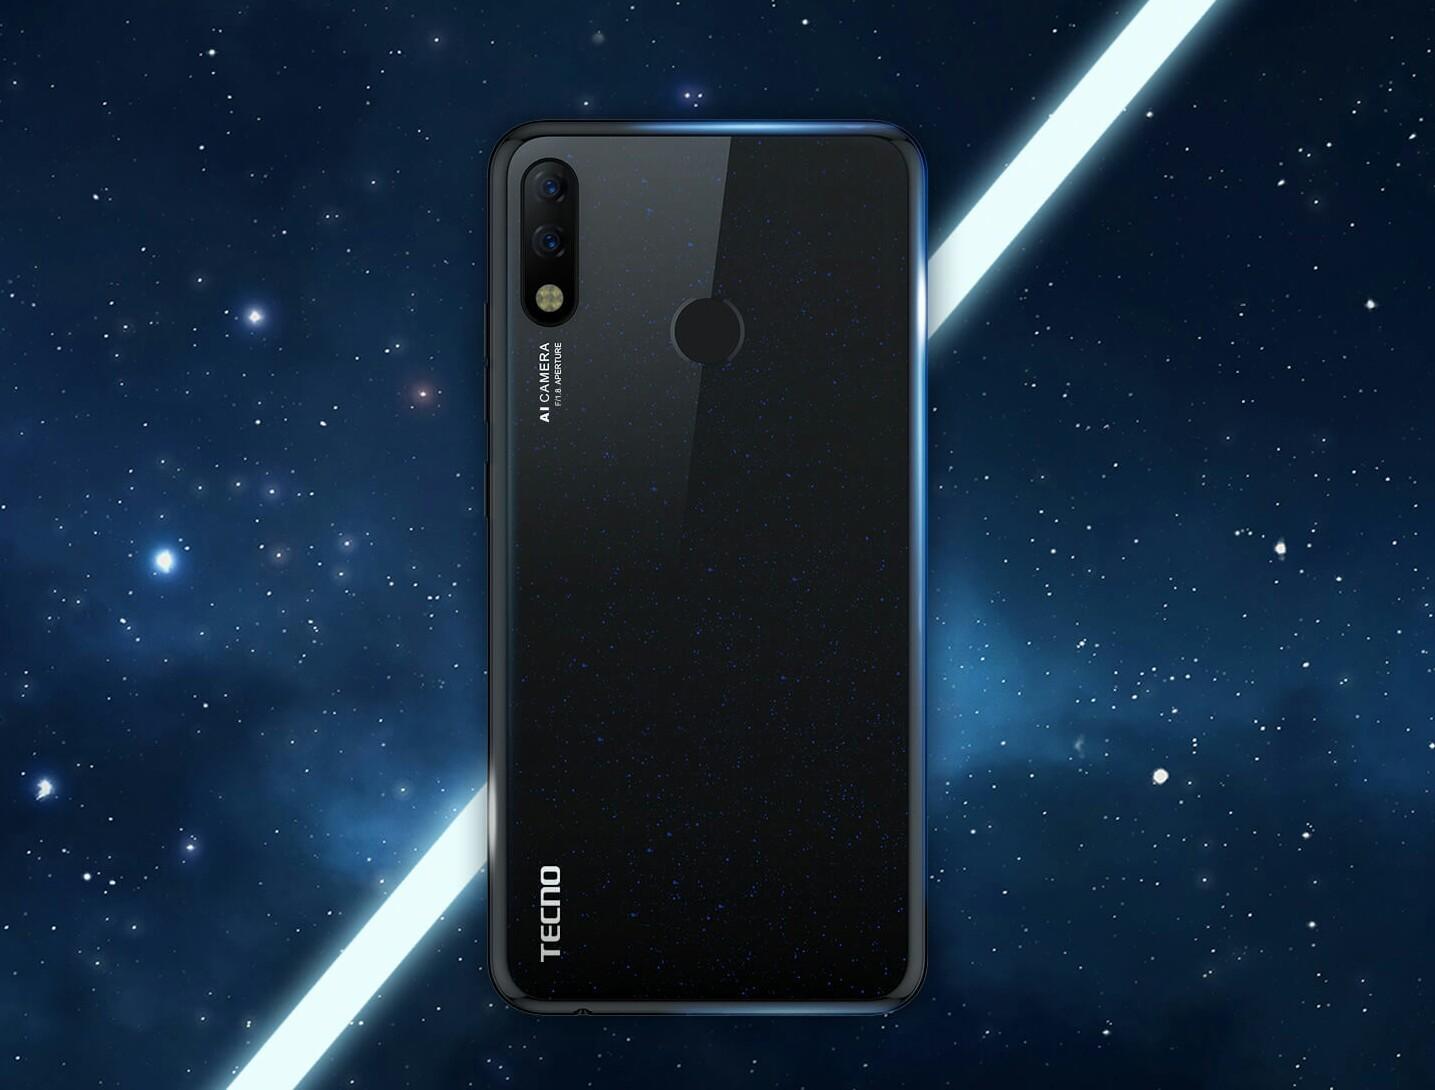 مزايا وعيوب هاتف Tecno الجديد Tecno Spark 3 Pro ذو السعر الاقتصادي والمواصفات الرائعة